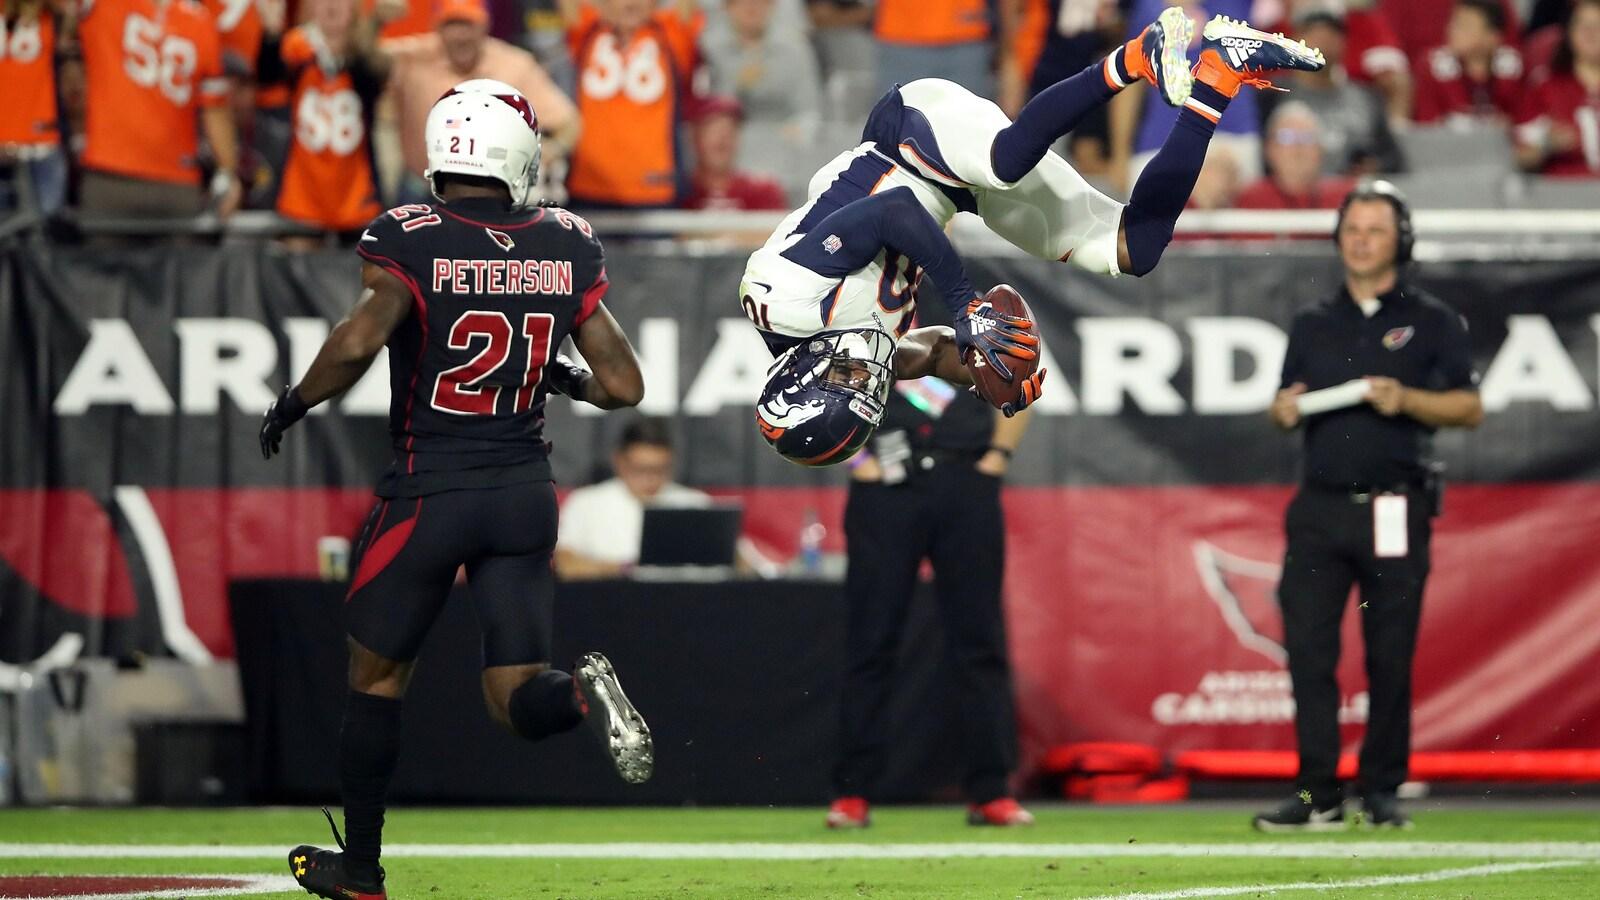 Le joueur des Broncos fait un périlleux avant dans la zone des buts après avoir marqué un touché contre les Cardinals.